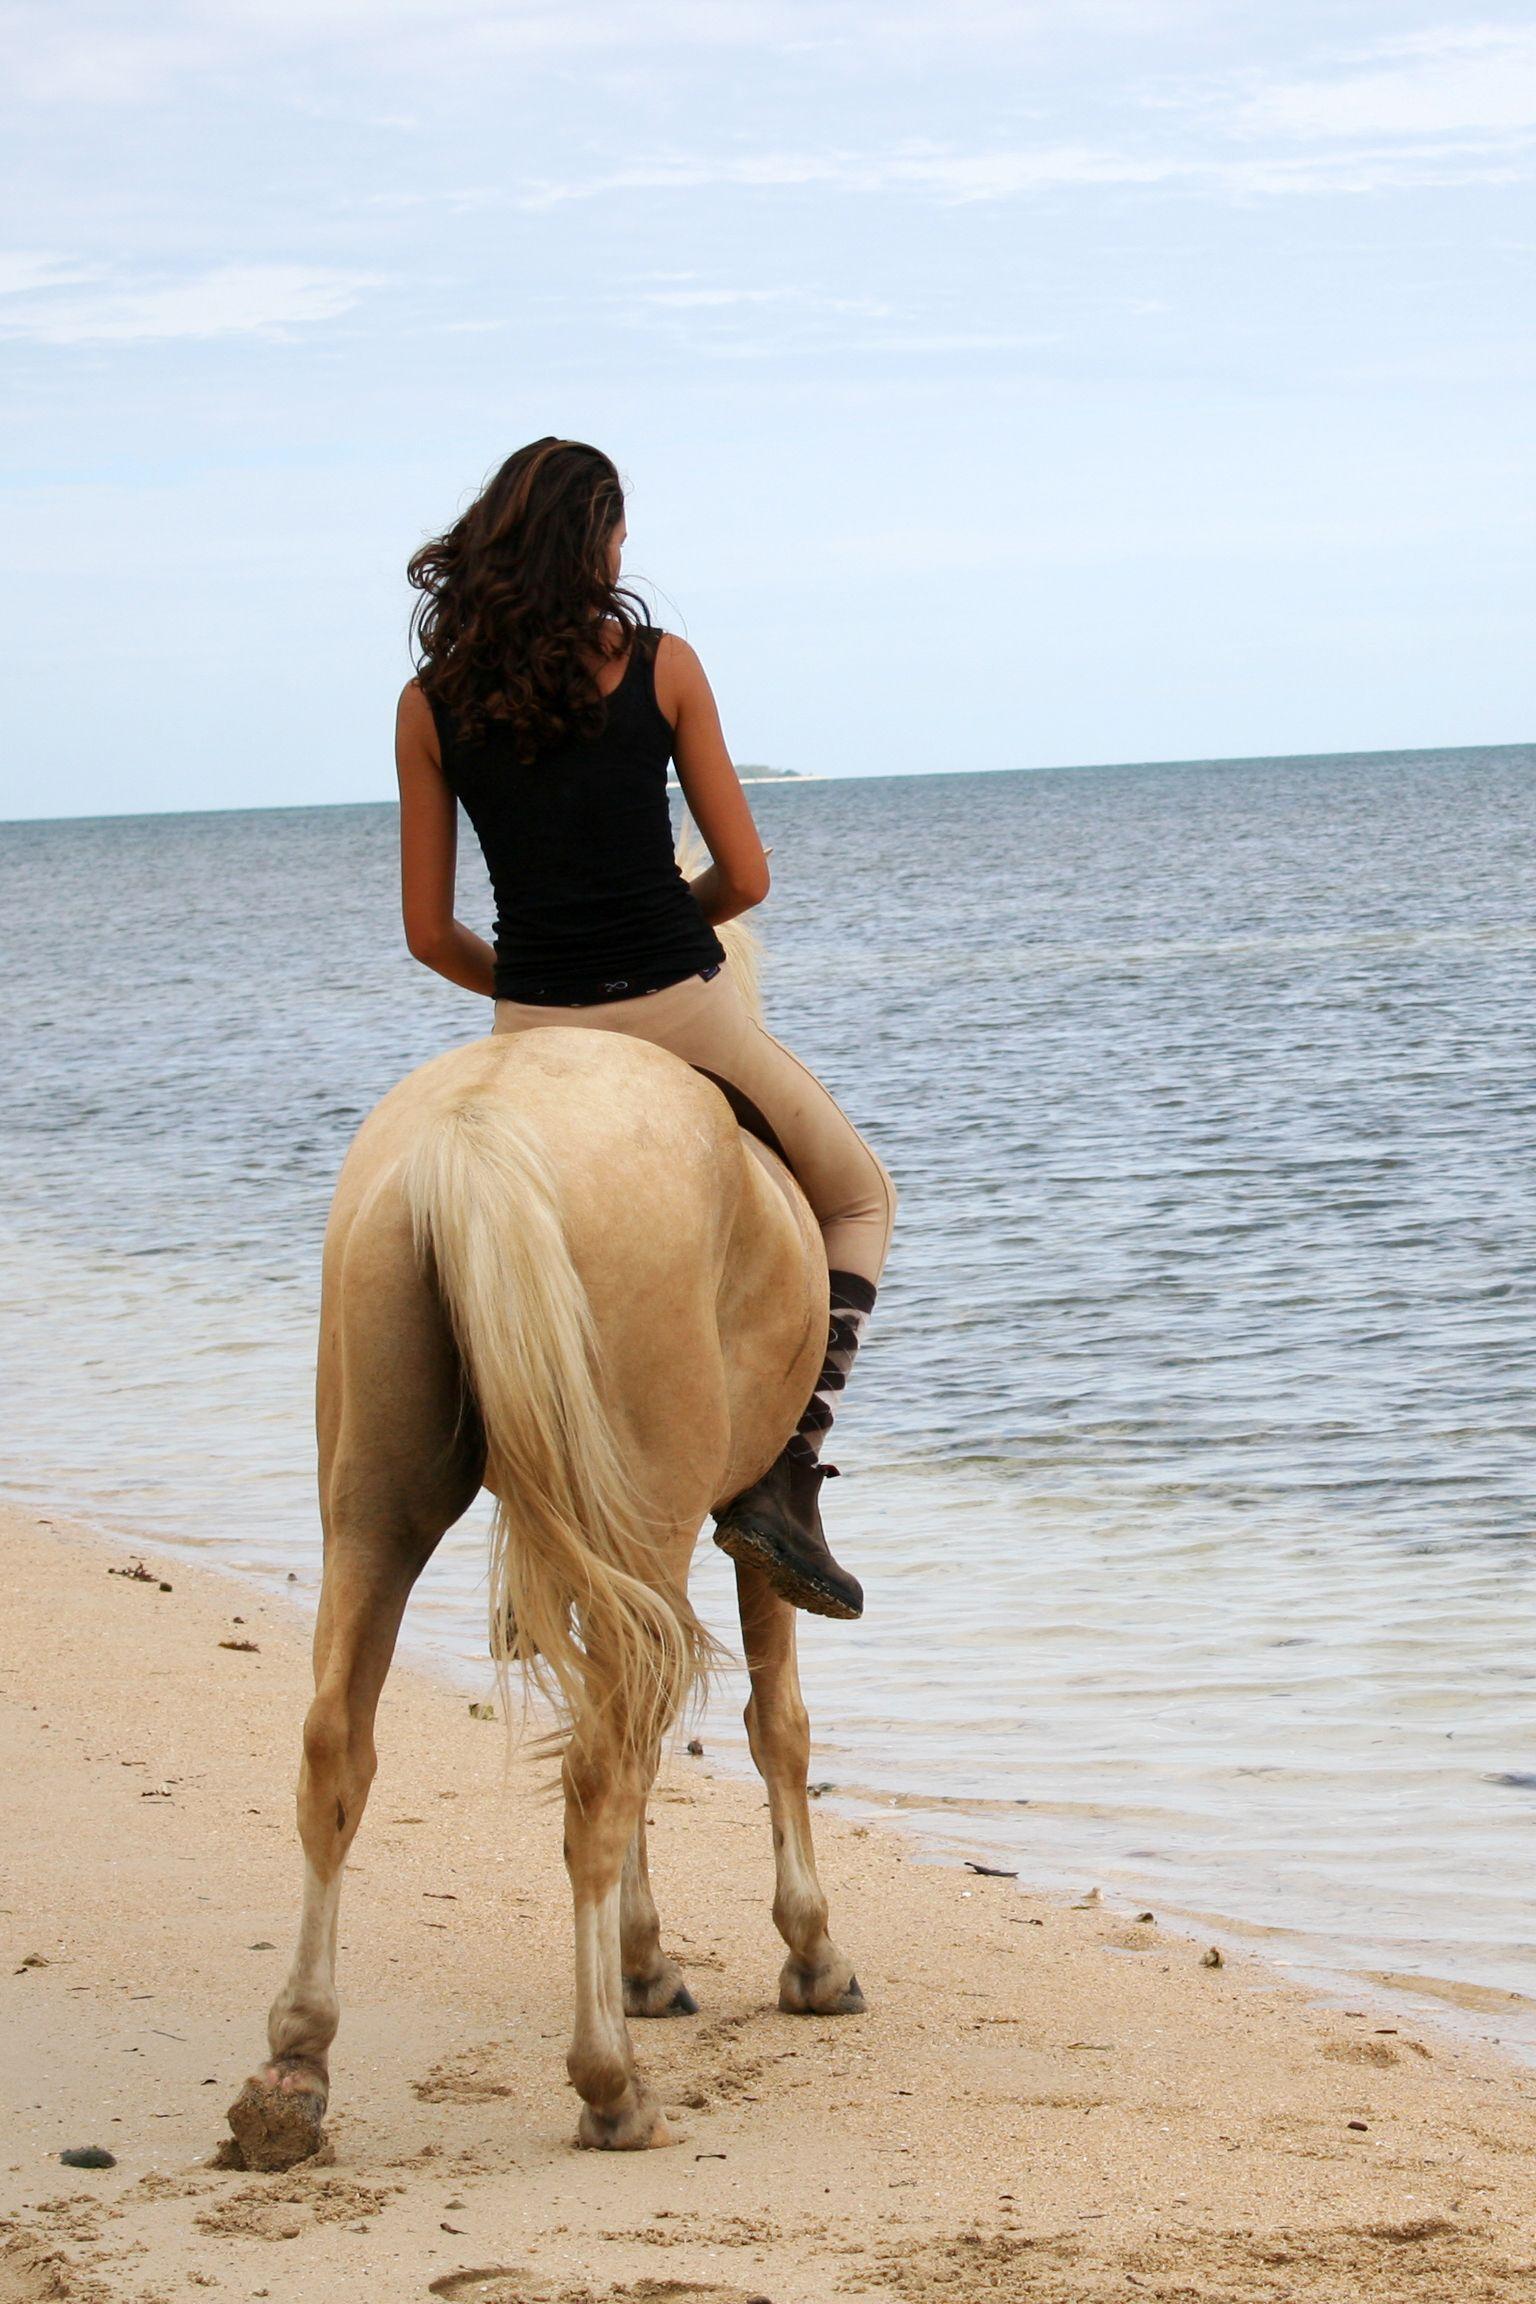 Partez pour une randonnée à cheval en Nouvelle-Calédonie #chevaldaventure #oceanie